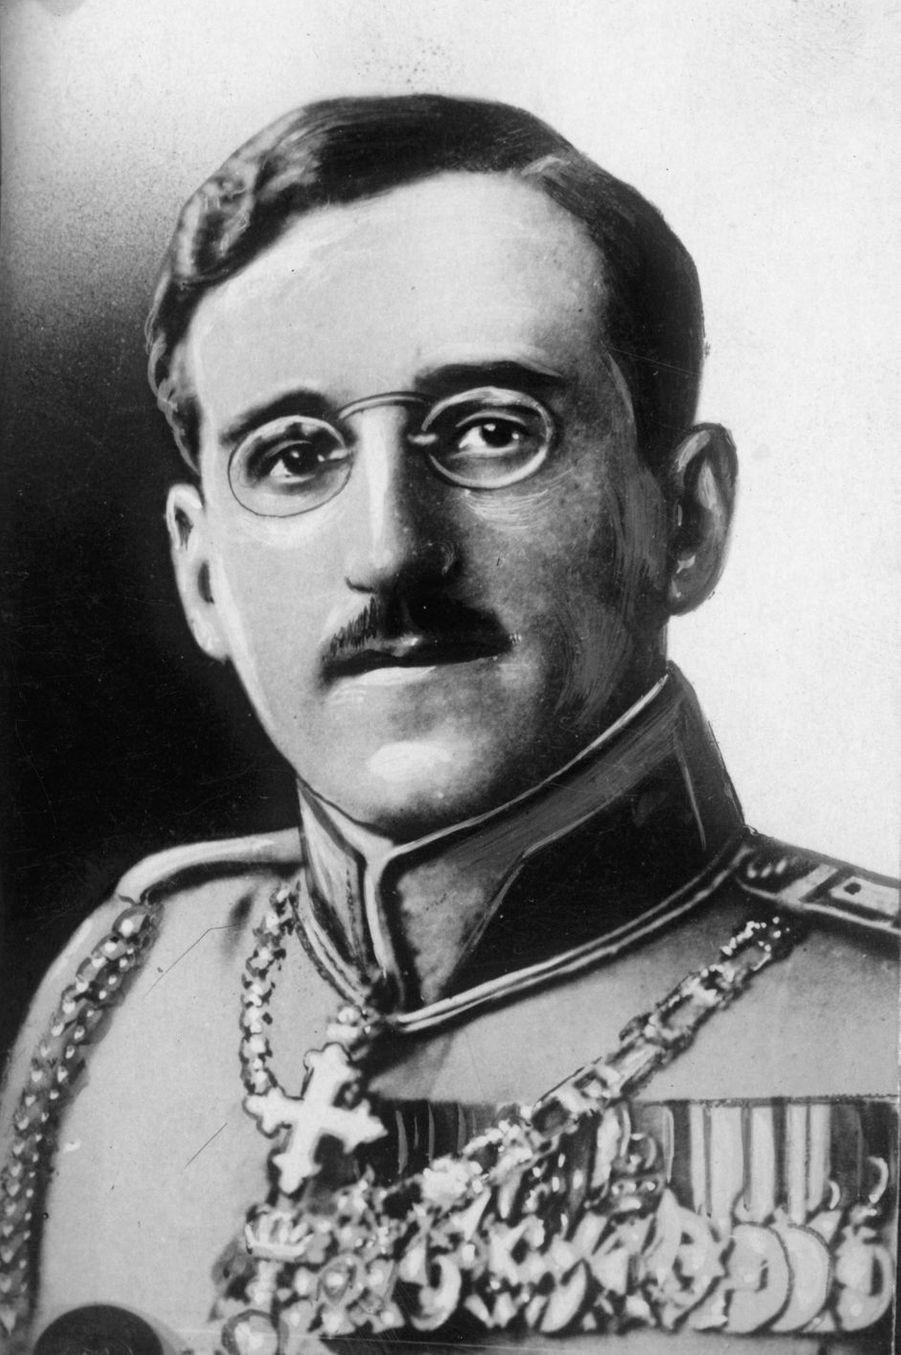 Le roi Alexandre Ier de Yougoslavie (ici en 1925) régna du 16 août 1921 à 1934